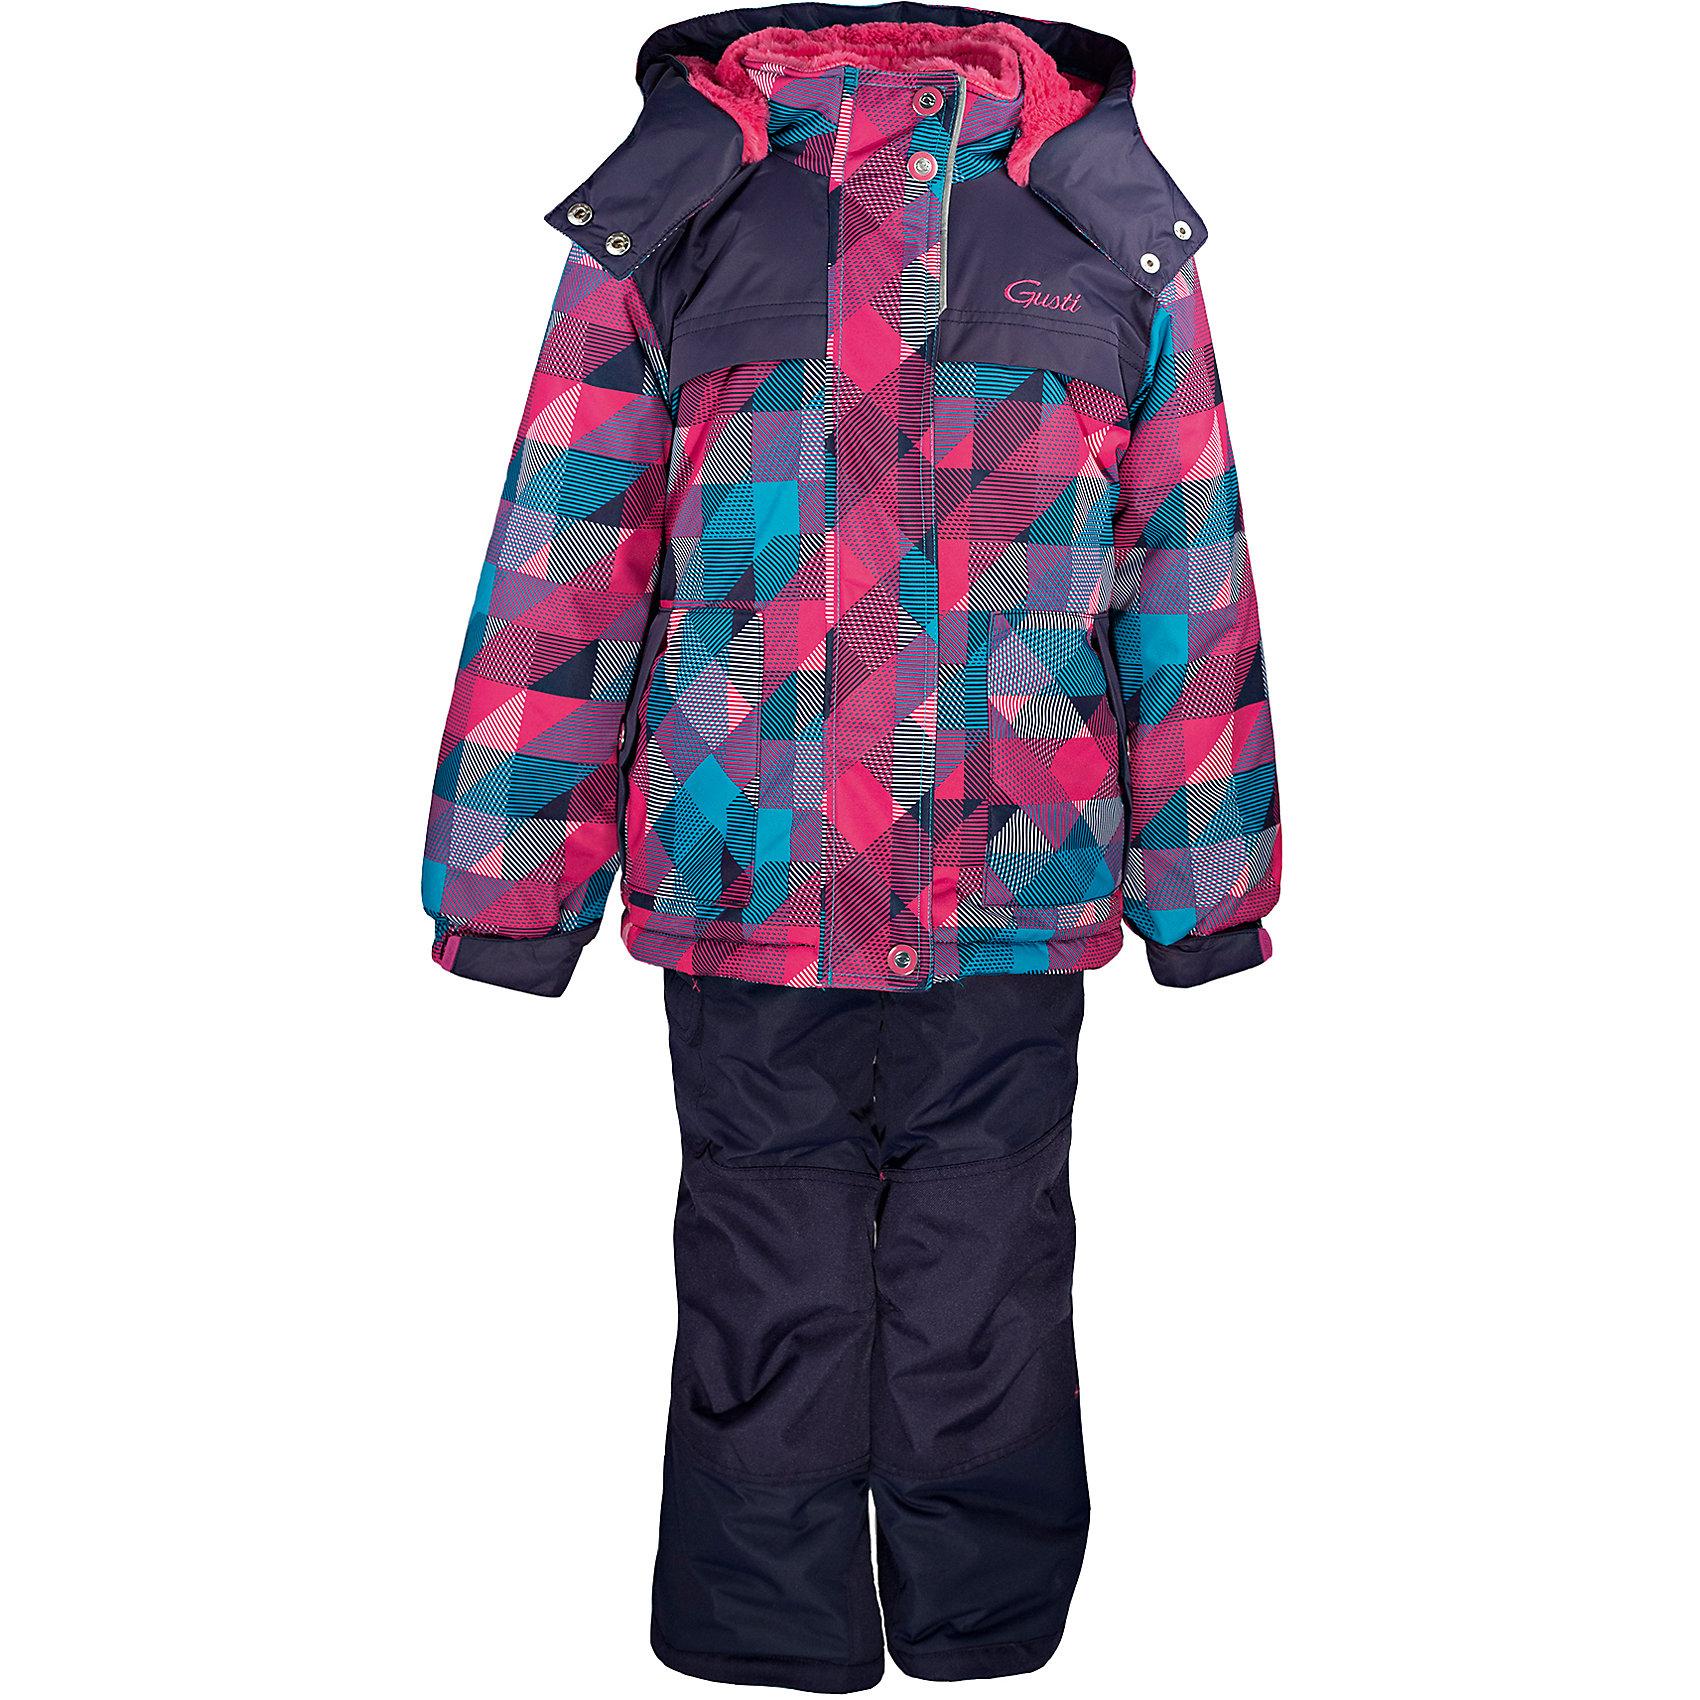 Комплект: куртка и полукомбинезон GUSTIВерхняя одежда<br>Комплект: куртка и полукомбинезон GUSTI (ГУСТИ) – это идеальный вариант для суровой зимы с сильными морозами.<br><br>Температурный режим: до -30  градусов. Степень утепления – высокая. <br><br>* Температурный режим указан приблизительно — необходимо, прежде всего, ориентироваться на ощущения ребенка. Температурный режим работает в случае соблюдения правила многослойности – использования флисовой поддевы и термобелья.<br><br>Комплект от GUSTI (ГУСТИ) состоит из куртки и полукомбинезона, выполненных из плотного непромокаемого материала с защитной от влаги мембраной 5000 мм. Тань хорошо сохраняет тепло, отталкивает влагу и позволяет коже ребенка дышать. Утеплитель из тек-полифилла и флисовая внутренняя отделка на груди и на спинке дают возможность использовать комплект при очень низких температурах. Куртка застегивается на молнию с ветрозащитной планкой, имеет два кармана, высокий ворот с защитой подбородка, снегозащитную юбку, трикотажные манжеты в рукавах, отстёгивающийся капюшон с подкладкой из искусственного меха. Полукомбинезон застегивается на молнию, имеет накладной карман с клапаном на липучке, регулируемые лямки, снегозащитные гетры. Длина брючин регулируется (отворот с креплением на липе). Сзади, на коленях, и по низу брючин имеется дополнительный слой ткани Cordura Oxford (сверхстойкий полиэстер). До размера 6х (120 см.) у полукомбинезона высокая грудка, в размерах 7 (122 см.) - 14 (164см) отстегивающаяся спинка, грудки нет. Модель подходит для прогулок на морозе до -30 градусов.<br><br>Дополнительная информация:<br><br>- Сезон: зима<br>- Пол: девочка<br>- Температурный режим до -30 градусов<br>- Материал верха: куртка - shuss 5000мм (100% полиэстер); брюки - taslan 5000мм, накладки Cordura Oxford сзади, на коленях, и по низу брючин<br>- Наполнитель: куртка - тек-полифилл плотностью 283 гр/м (10 унций) 100% полиэстер; брюки - тек-полифилл плотностью 170 гр/м (6 унций) 100% полиэстер<br>- Подкладка: кур